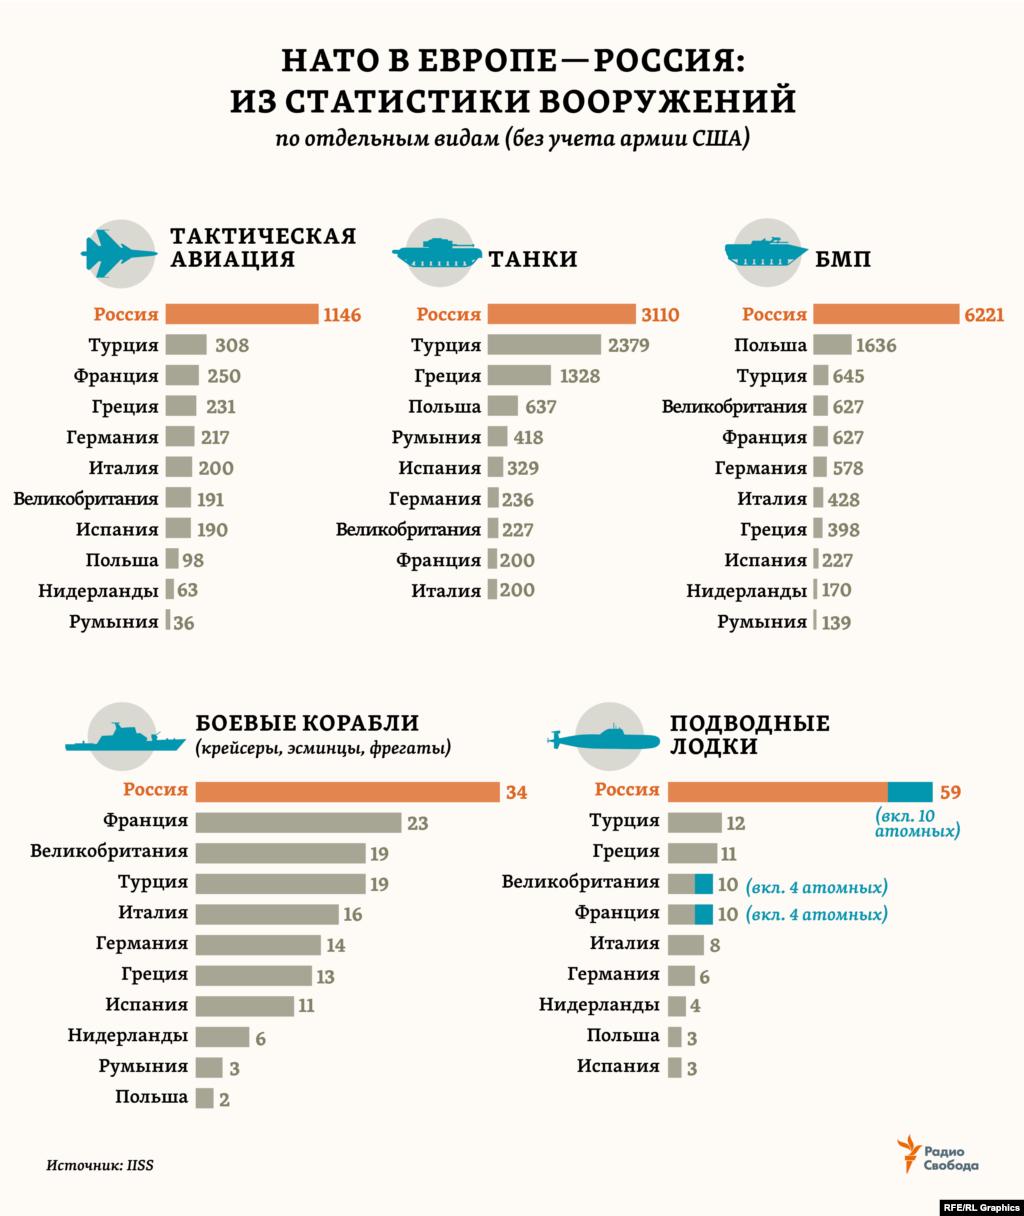 Из обширной статистики IISS по военной технике стран мира мы выбрали лишь некоторые виды обычных вооружений, чтобы сравнить оснащенность ими крупнейших (в каждом случае) армий стран НАТО в регионе Европы (без учета США) и – армии России.